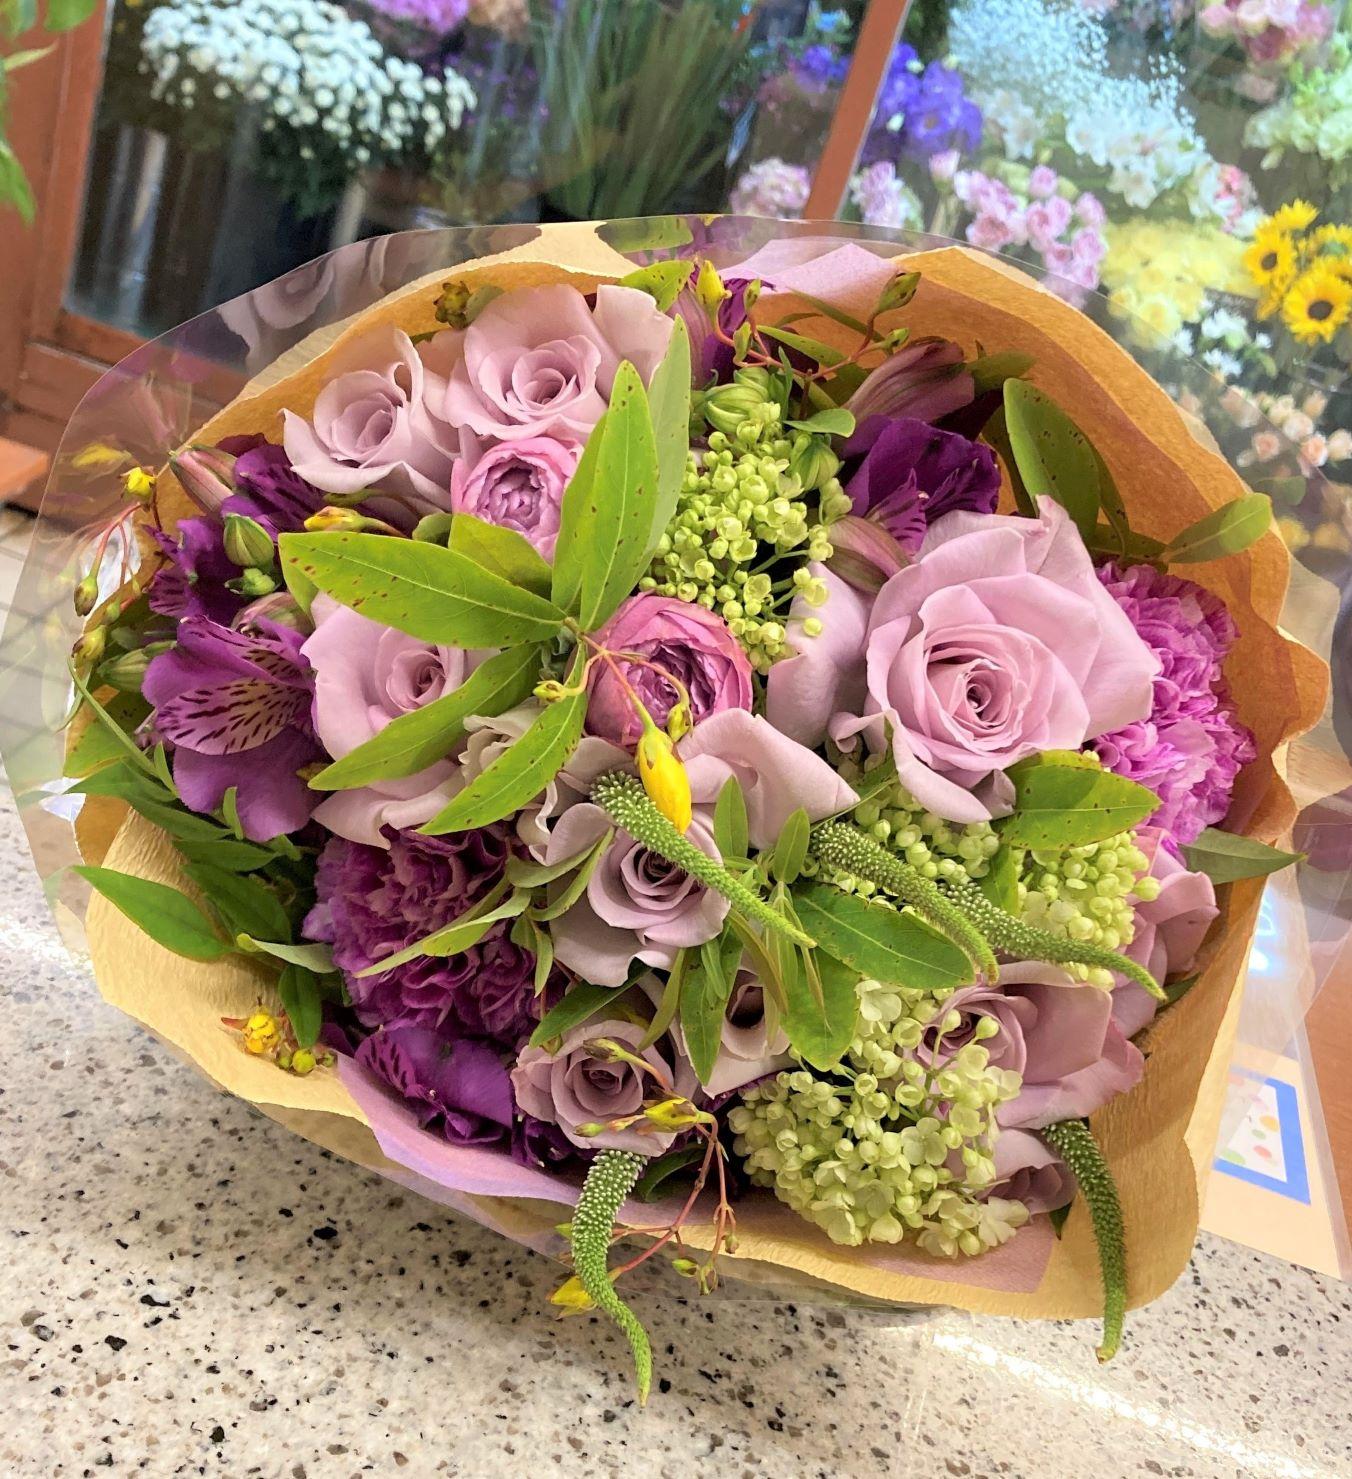 横浜市みなとみらいへ花束を即日当日配達しました。【横浜花屋の花束・スタンド花・胡蝶蘭・バルーン・アレンジメント配達事例916】